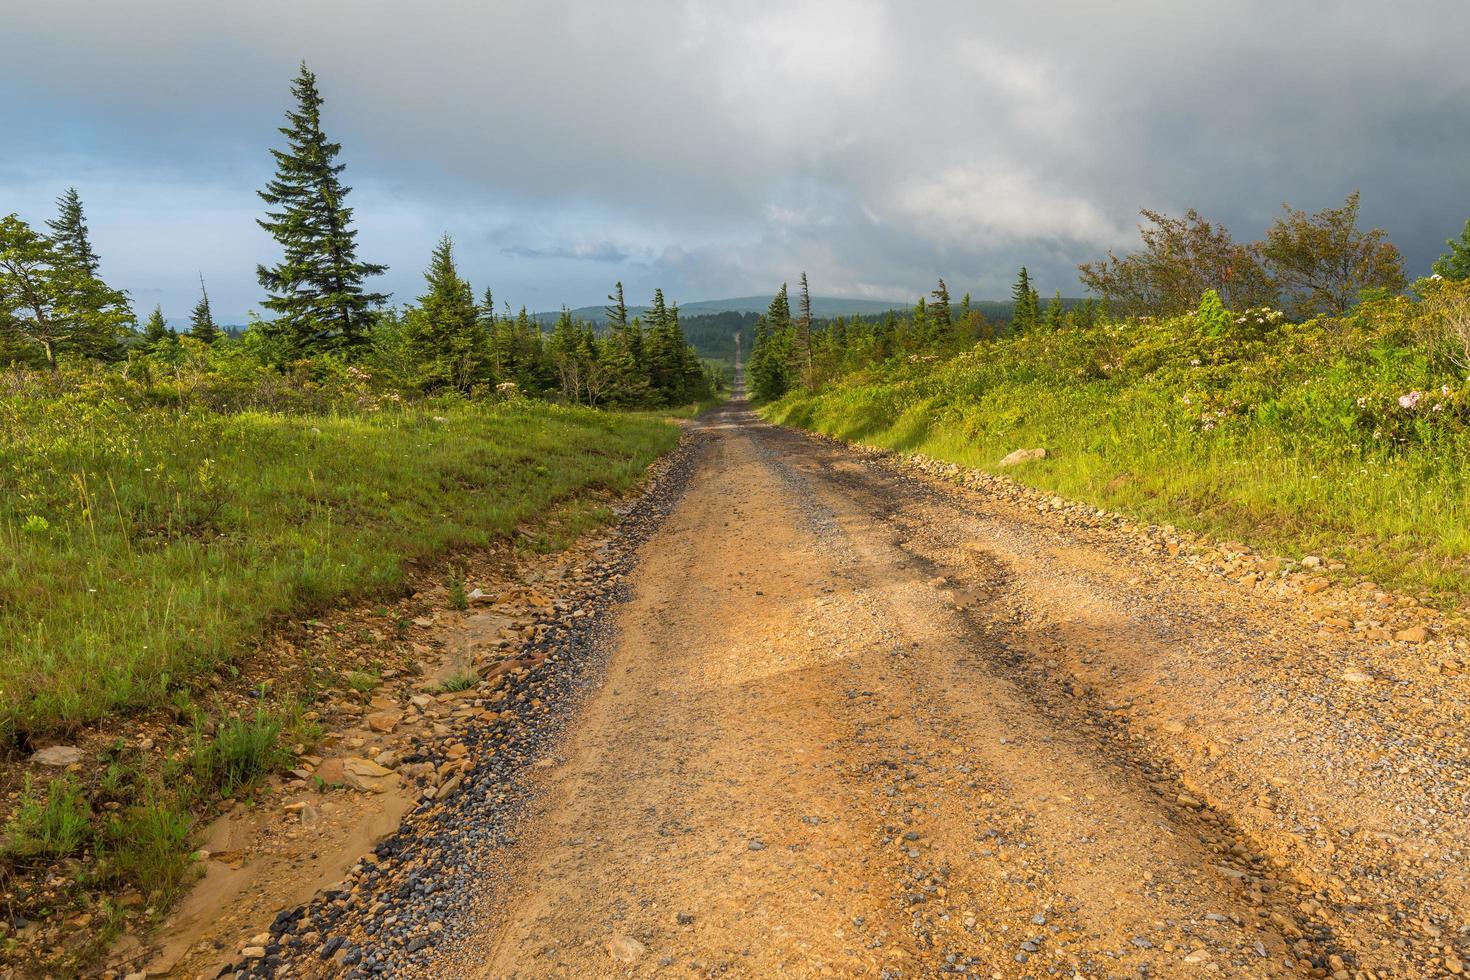 Feld- und Schotterstraße durch einen Wald foto